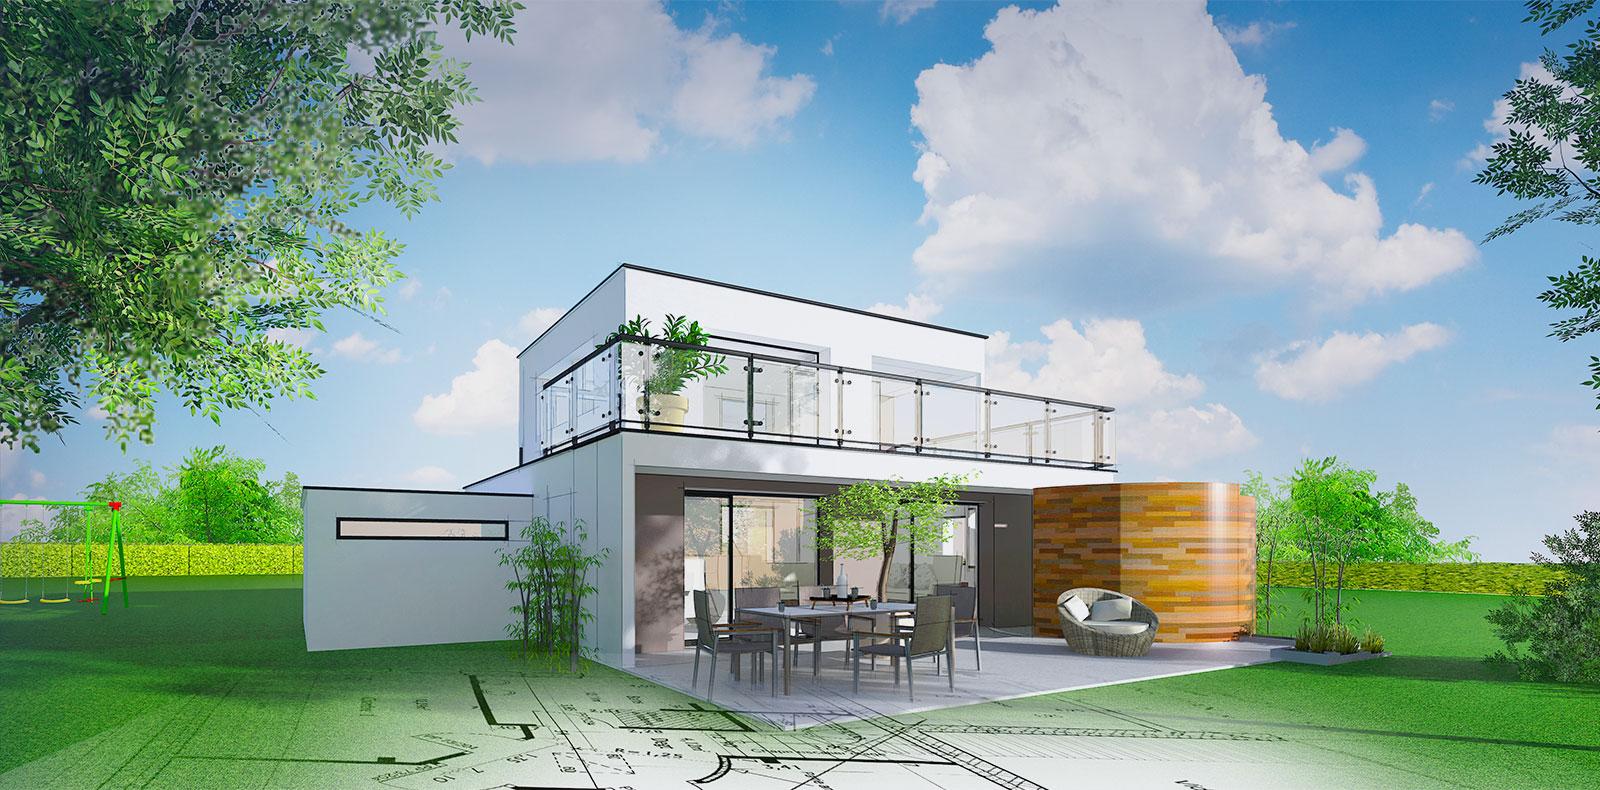 visuel-non-contractuel-constructeur-maison-lorraine